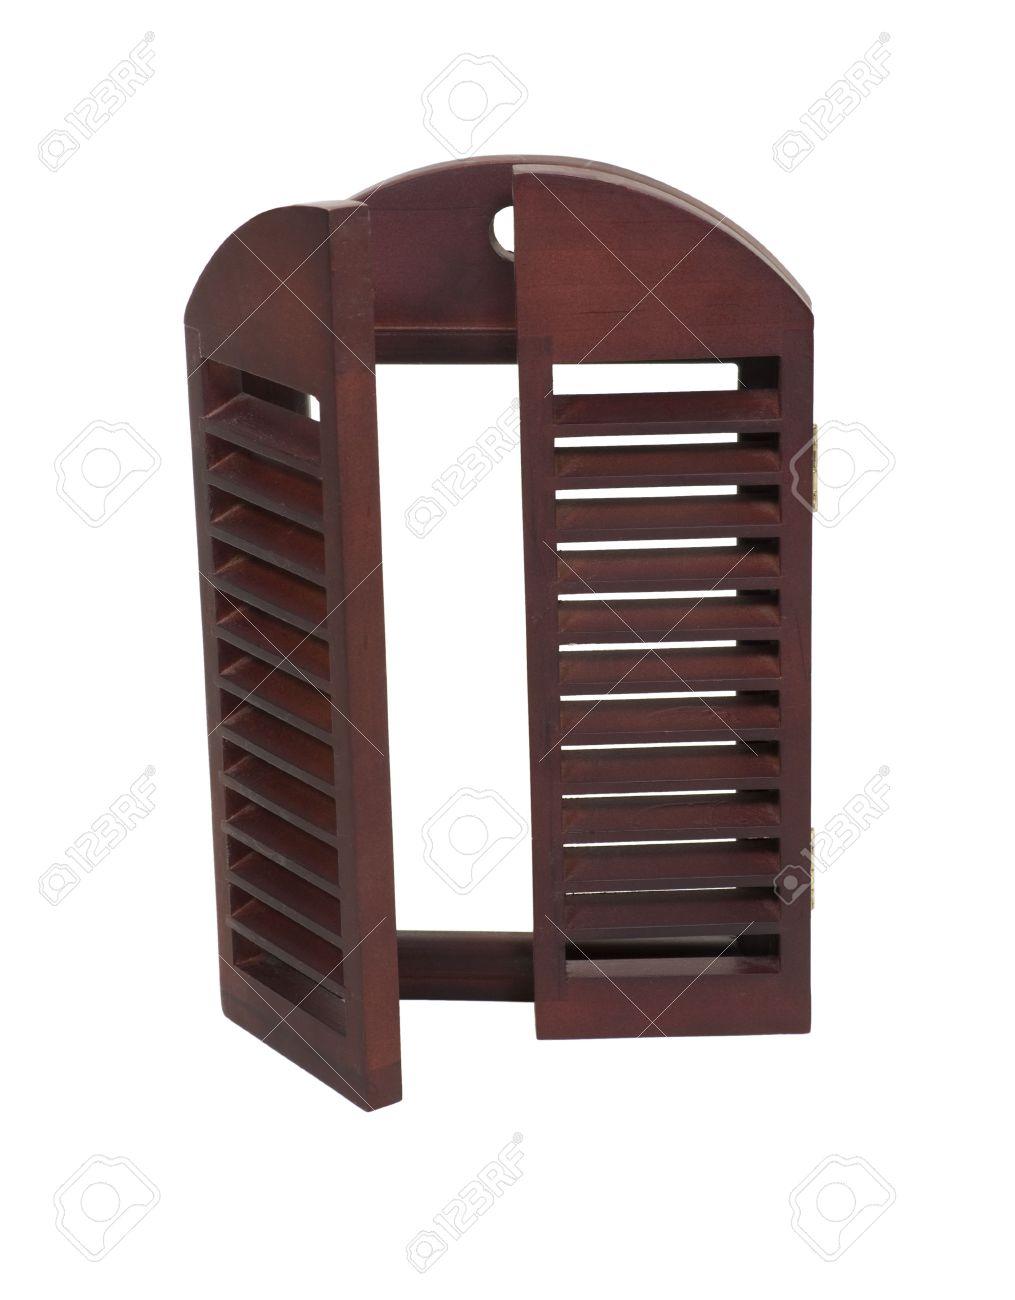 persianas de madera que pueden ser cerrados para proteger las ventanas en la parte exterior de